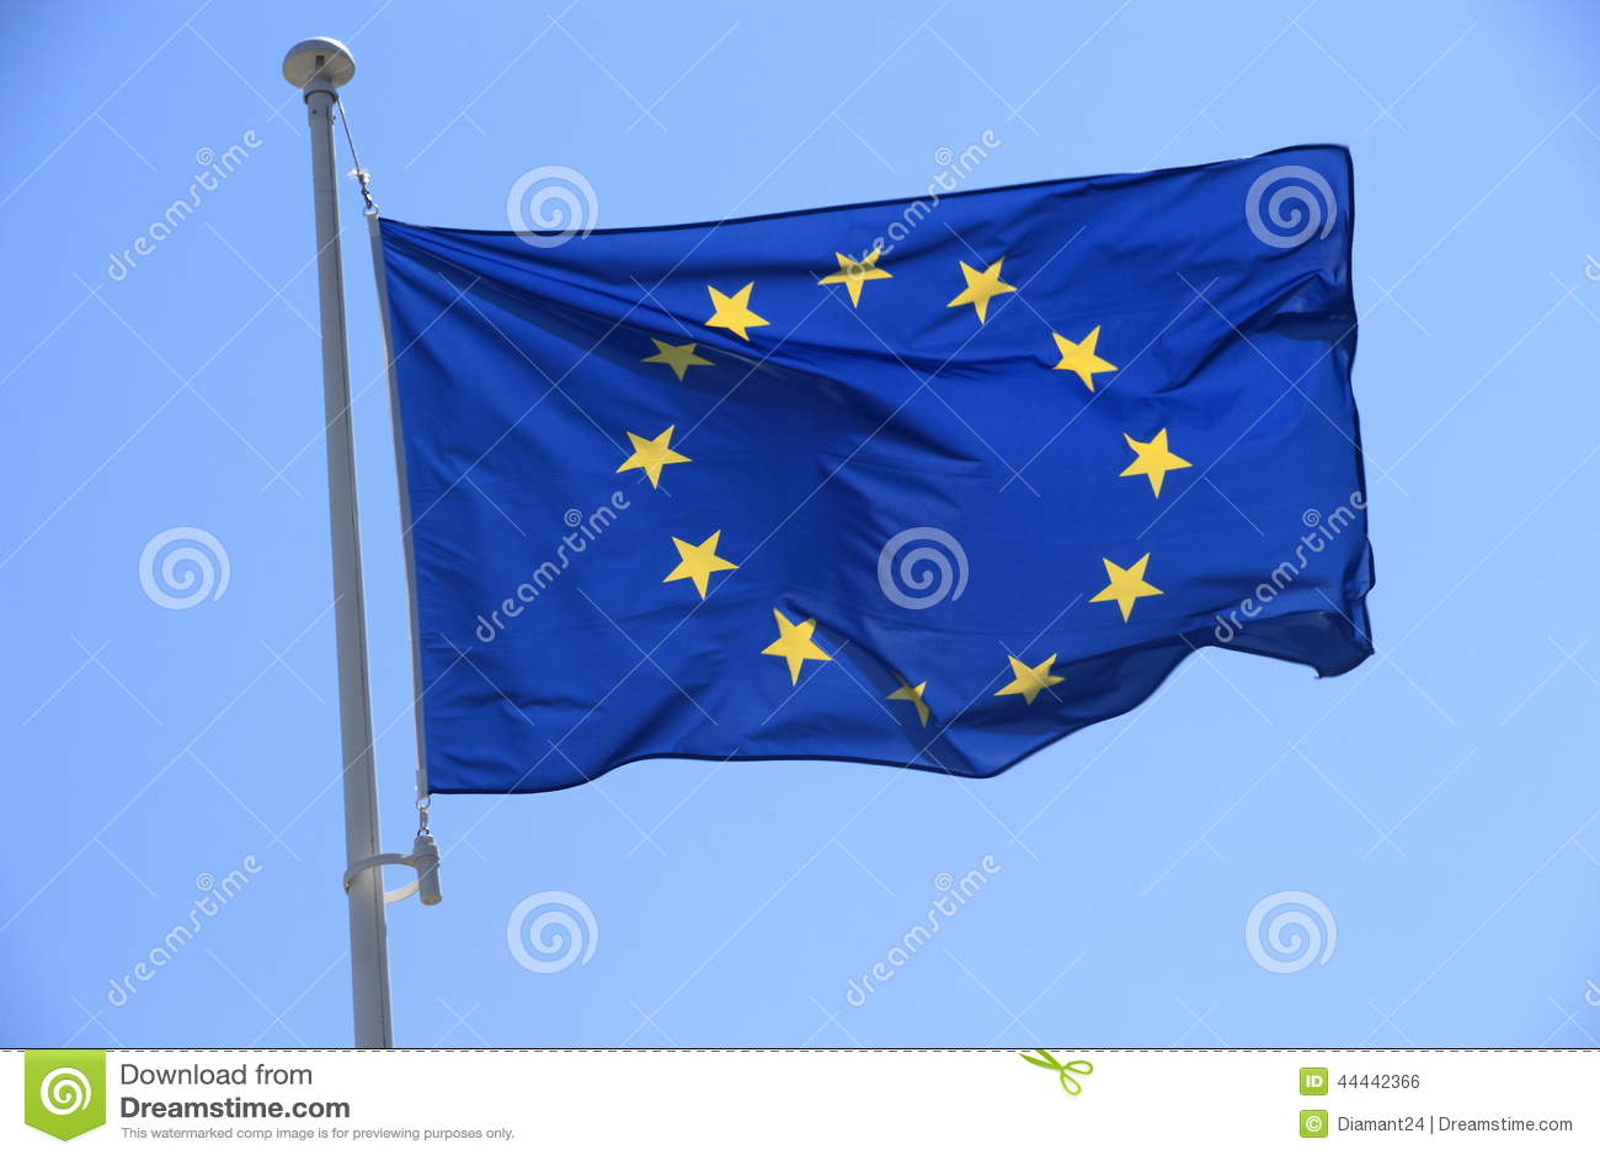 bandera azul y amarilla con estrellas